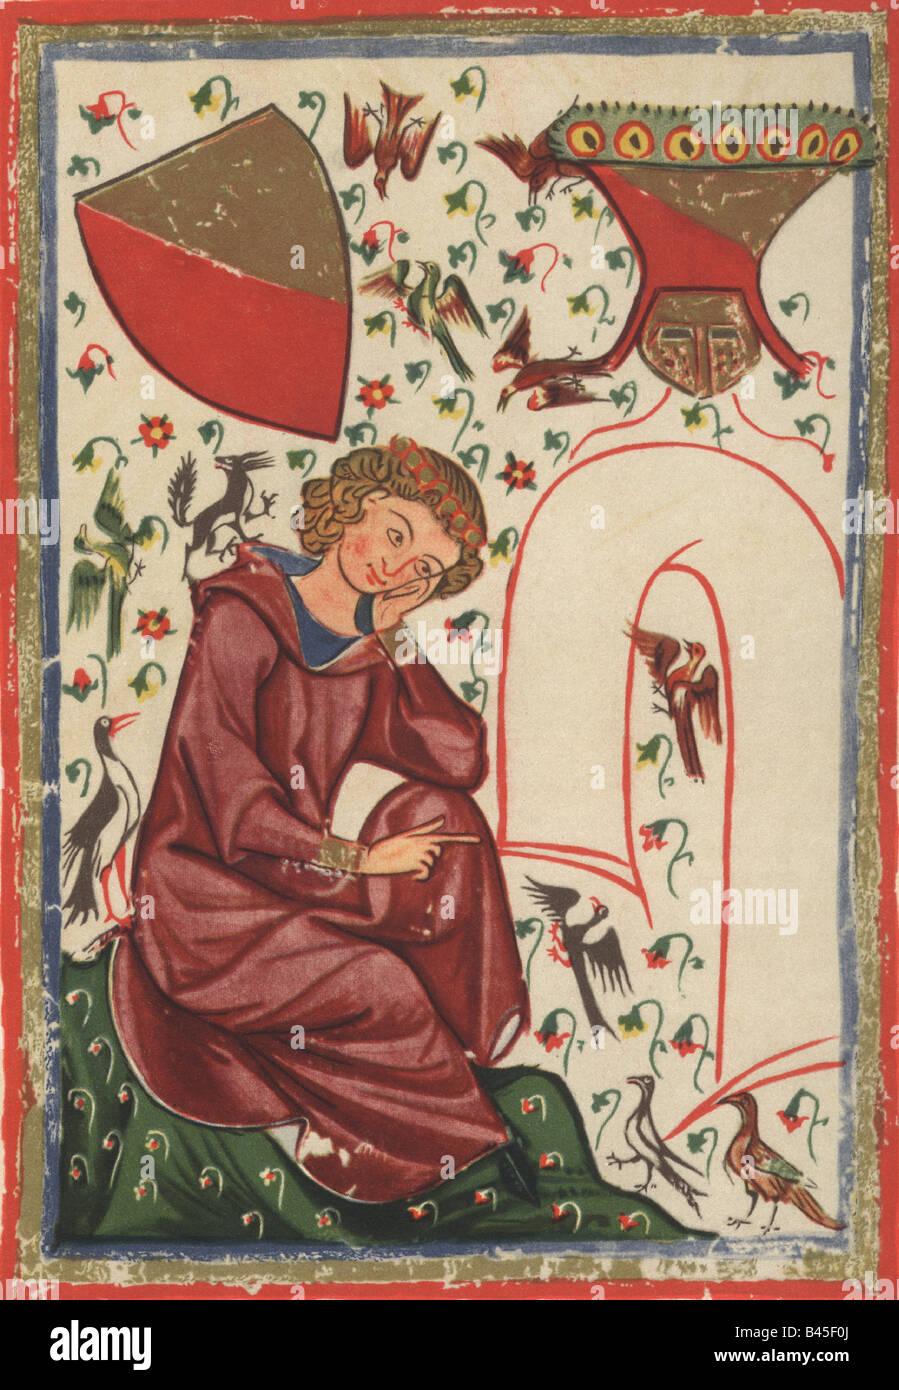 Heinrich of Veldeke, circa 1150 - circa 1200, flemish minstrel, miniature, Codex Manesse), Zurich, 1305 - 1340, - Stock Image